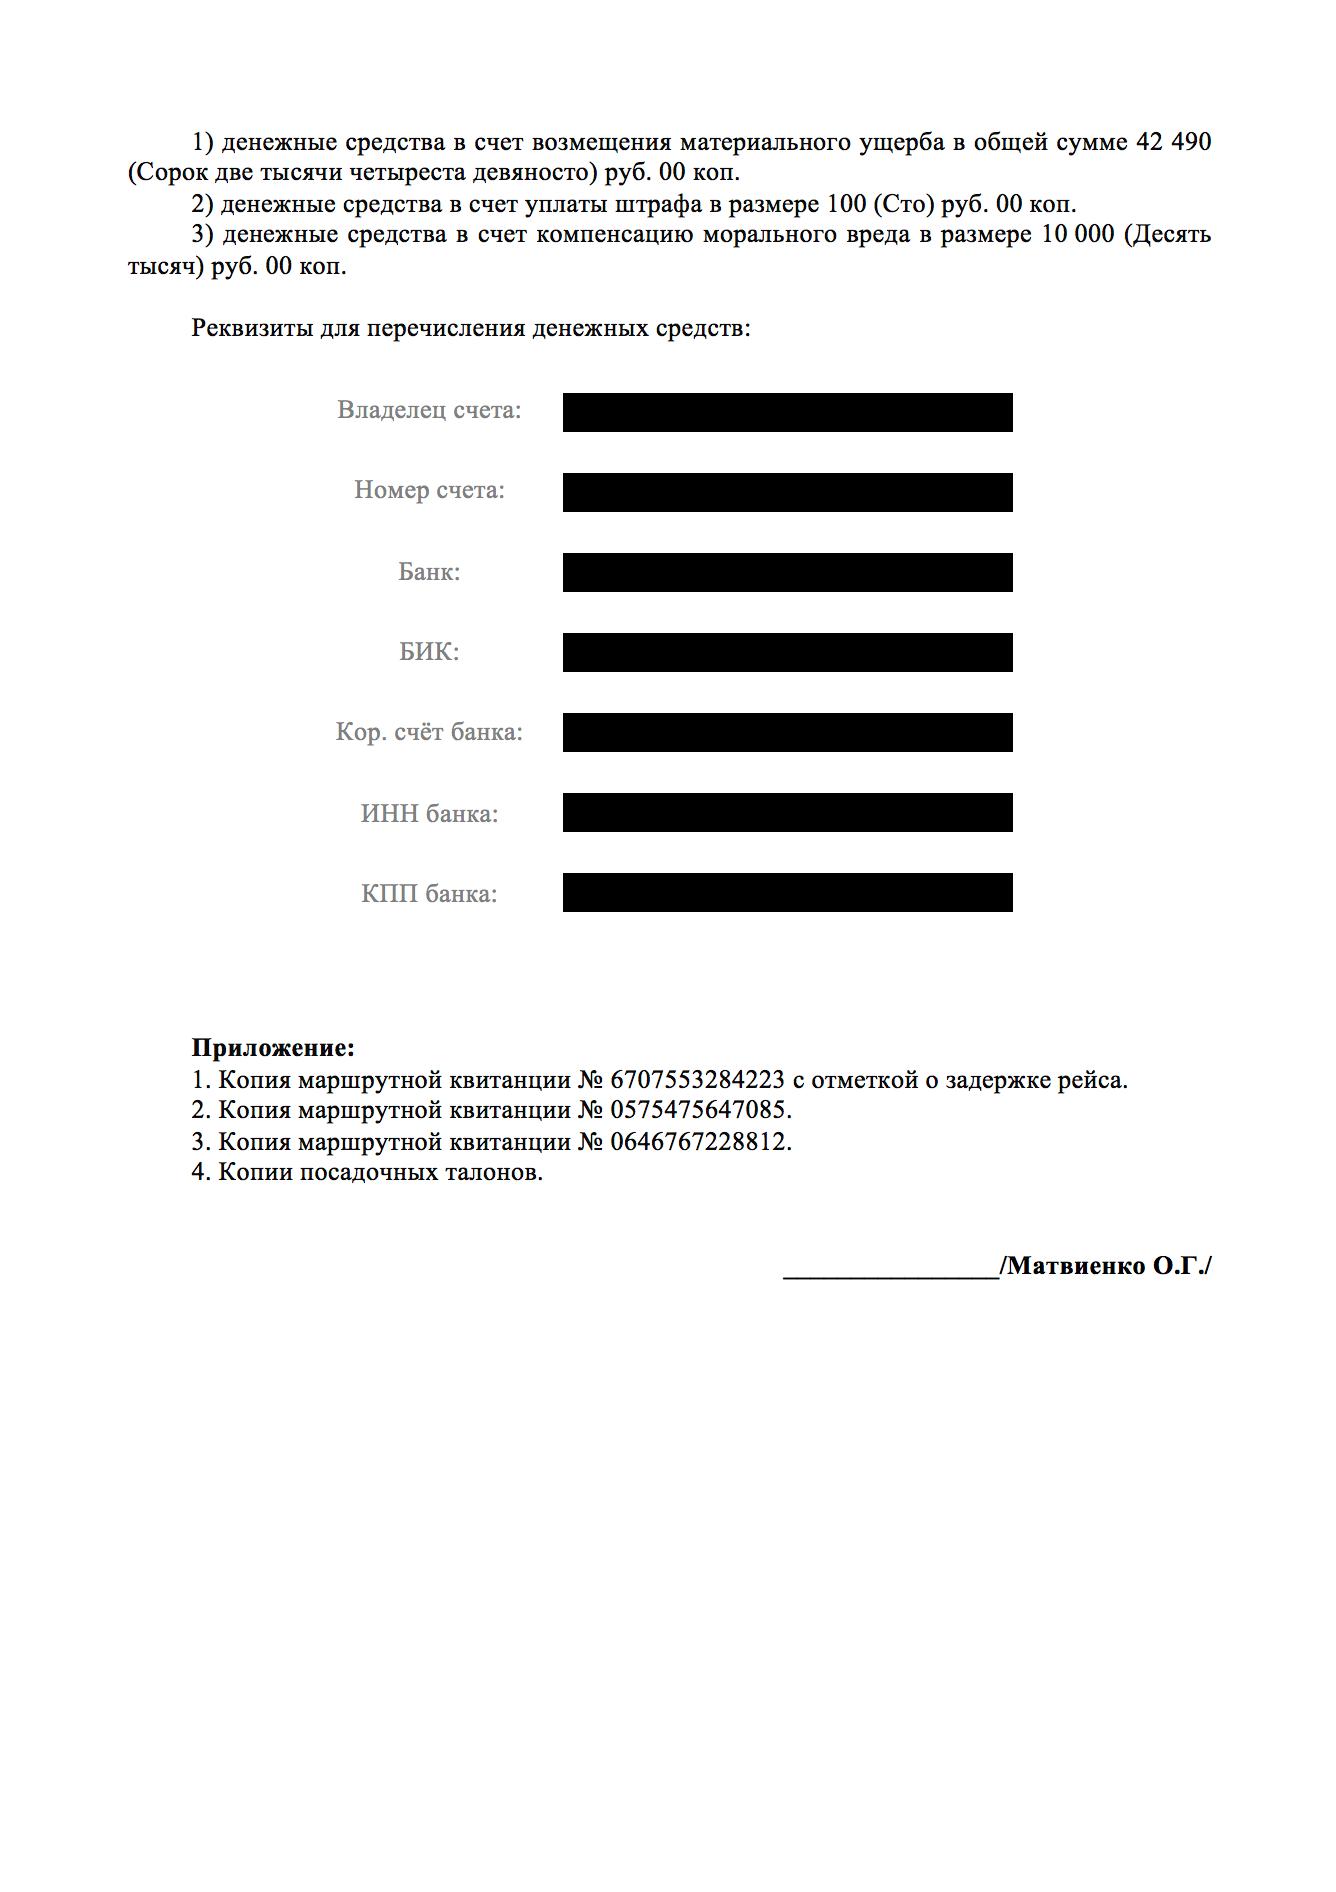 К претензии я приложила копии посадочных талонов и маршрутных квитанций с пометками сотрудников авиакомпании